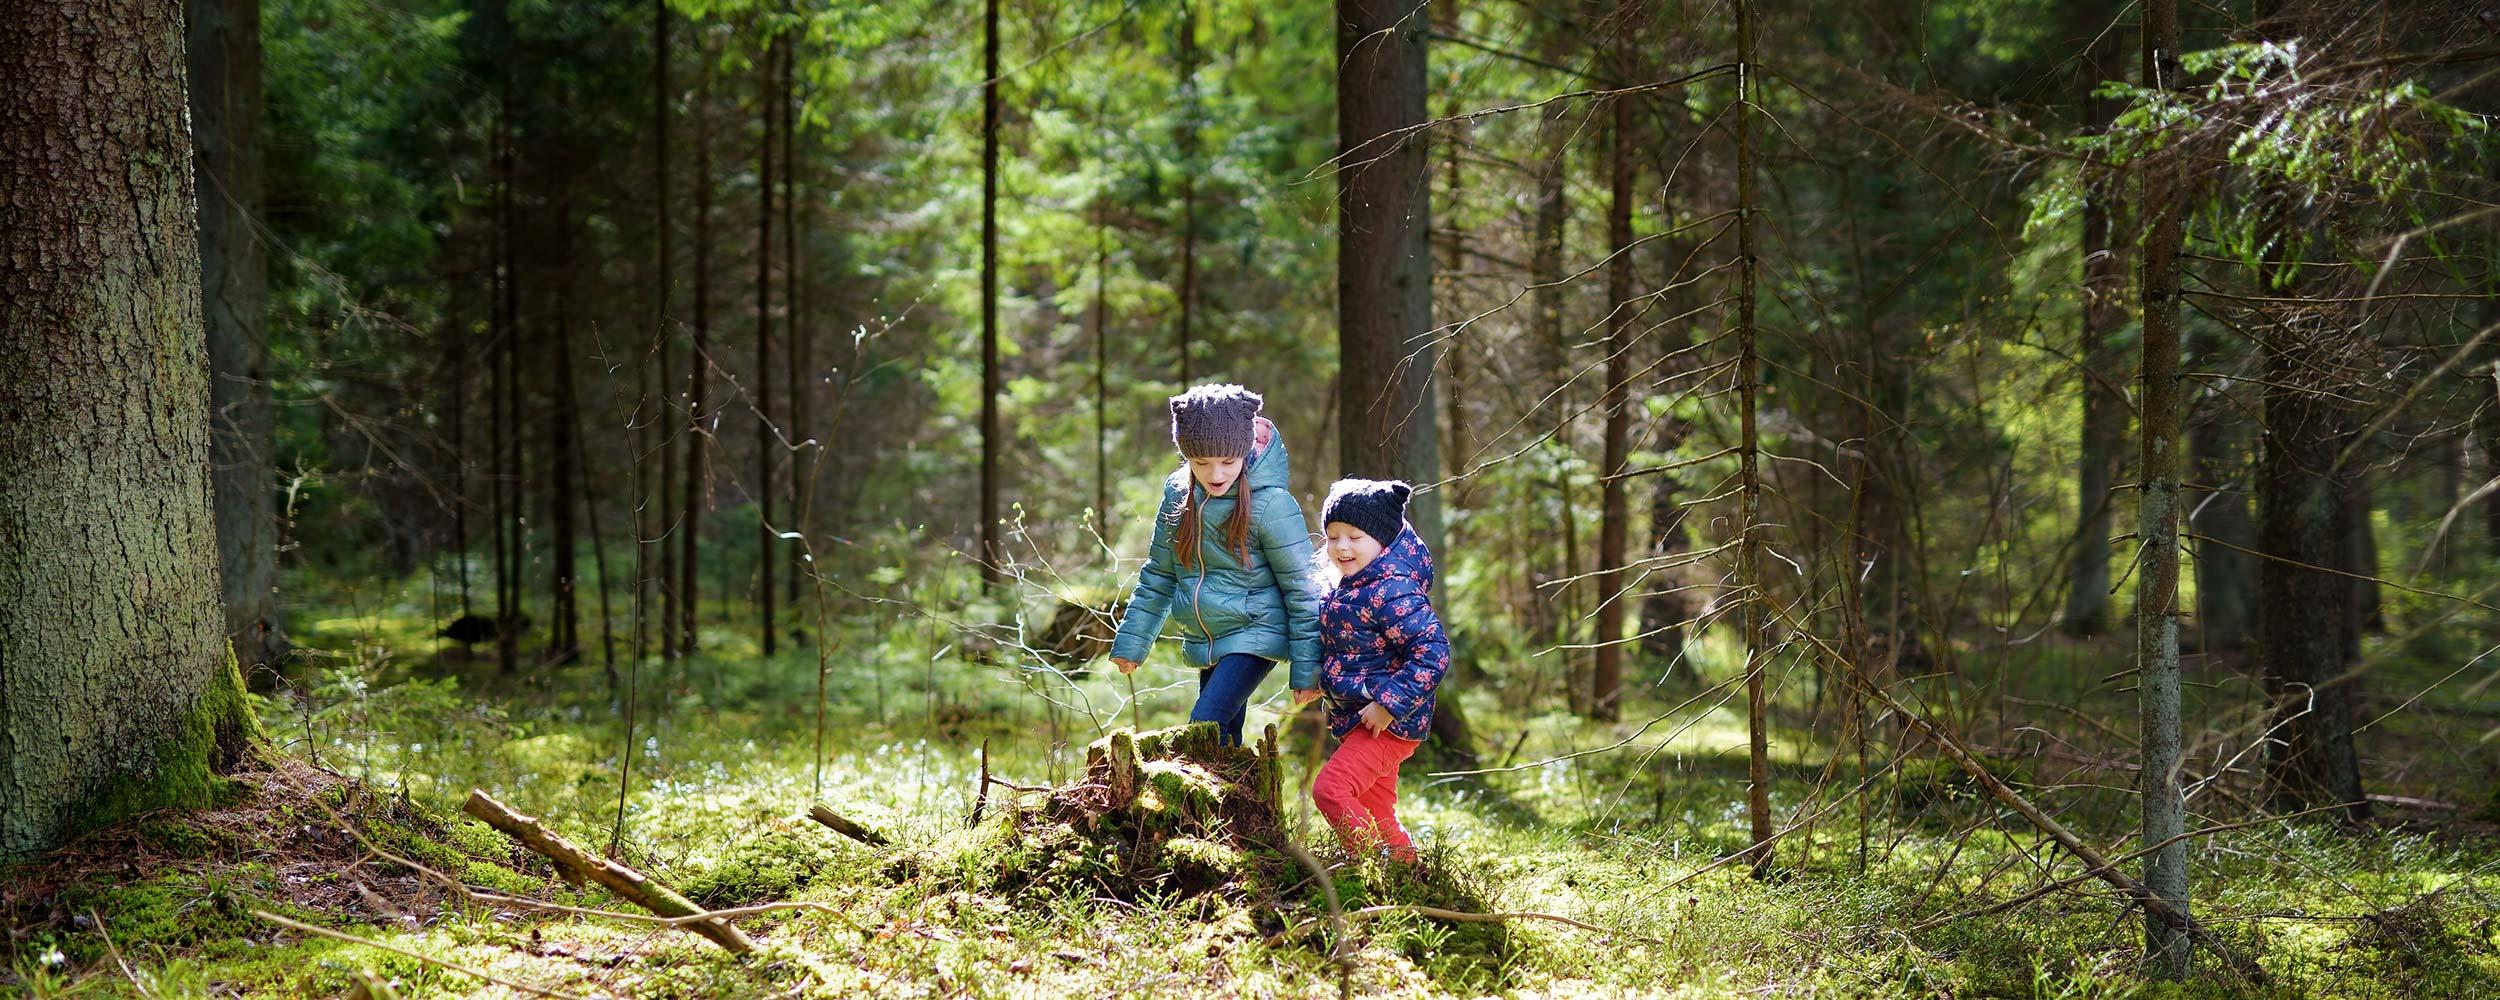 Urlaub mit Enkelkind in Thüringen | Wanderung CR-MenineNuotrauka.lt | Oberhof Hotel Urlaub im Thüringenschanze